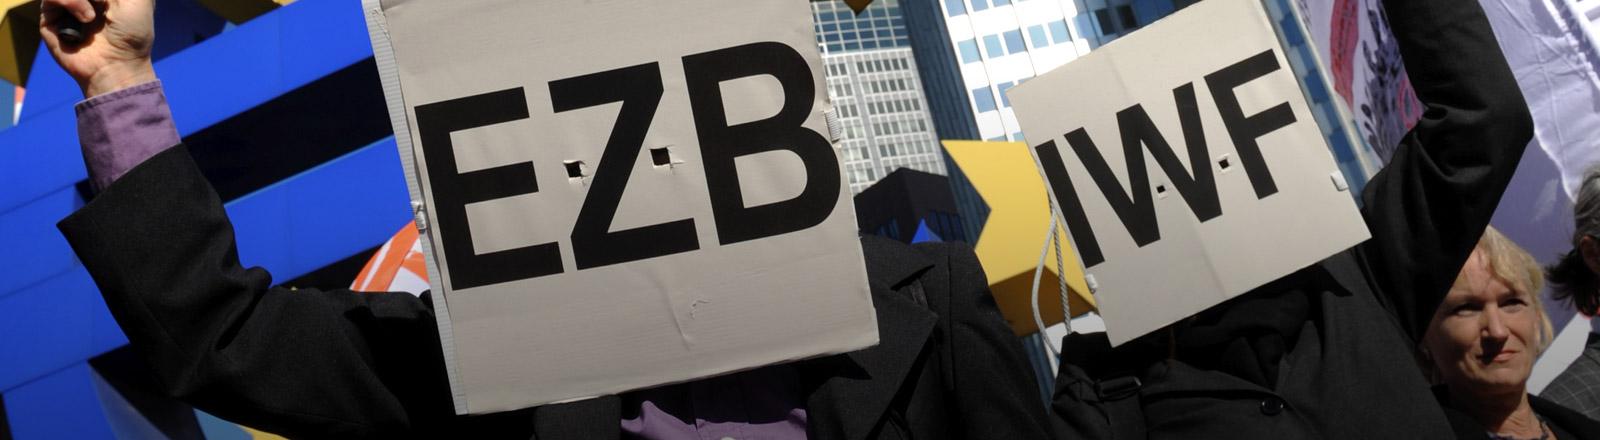 Demonstration gegen die Europäische Zentralbank und den Internationalen Währungsfonds